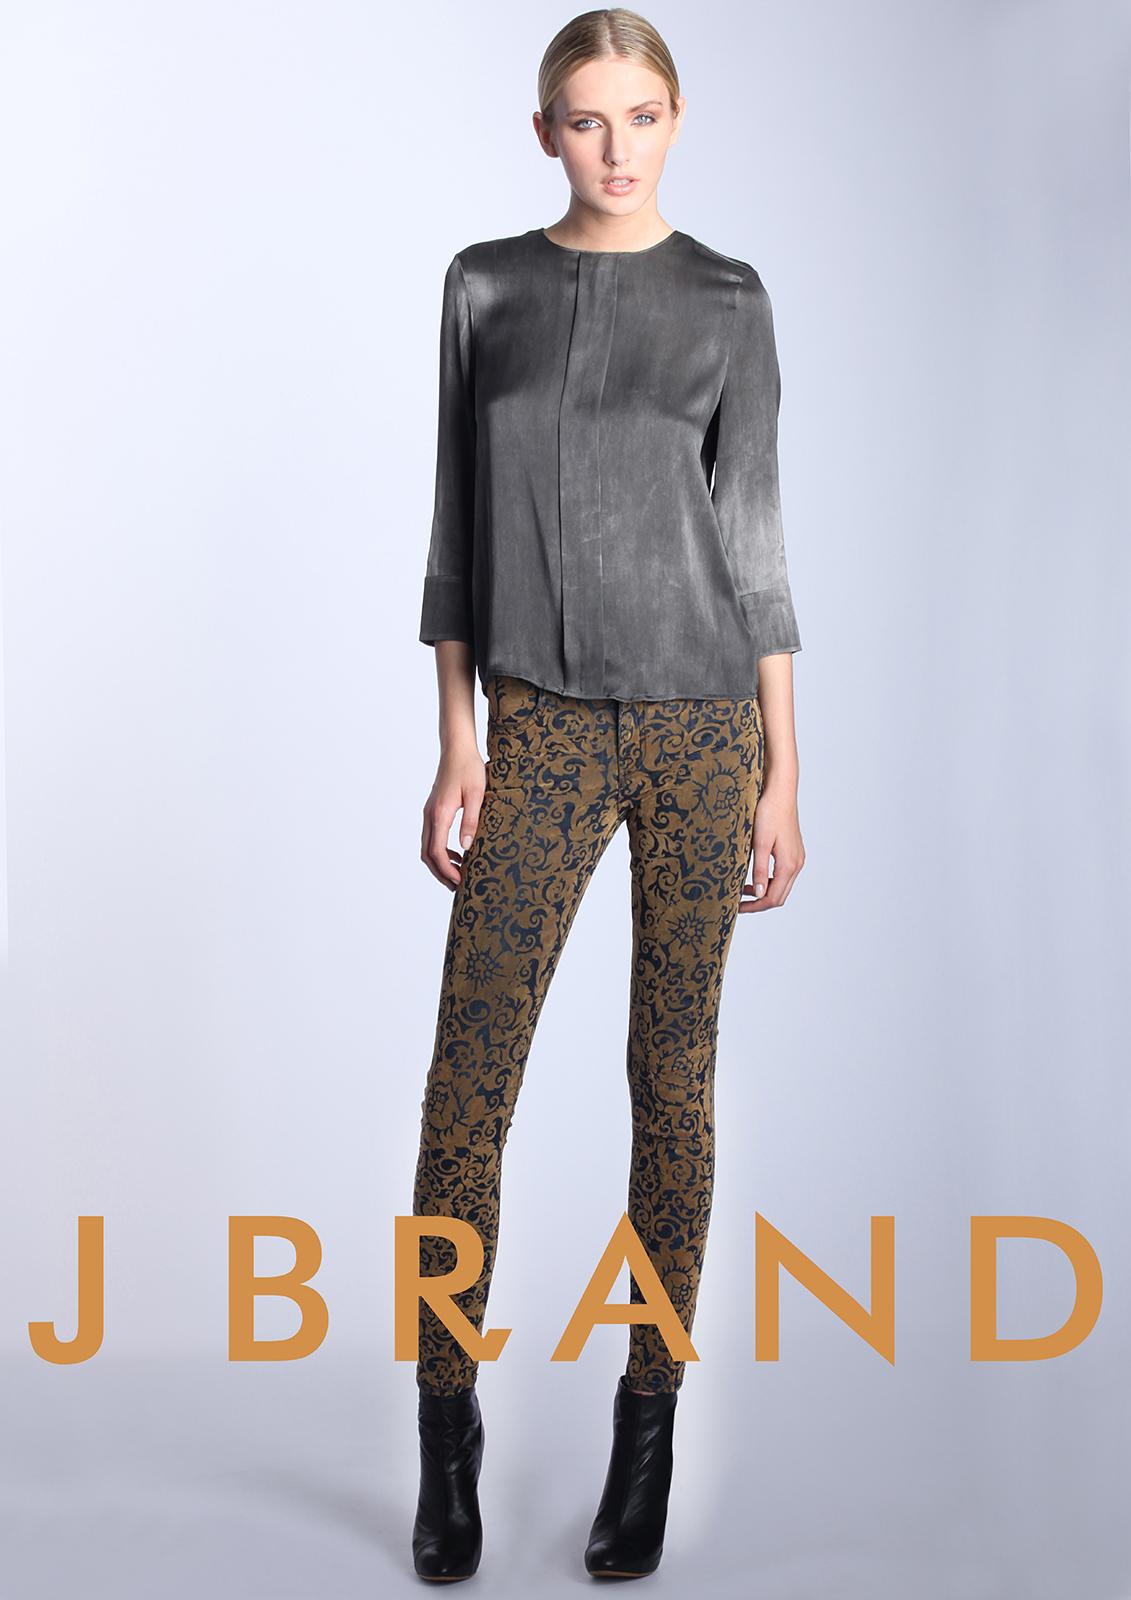 Jbrand 08